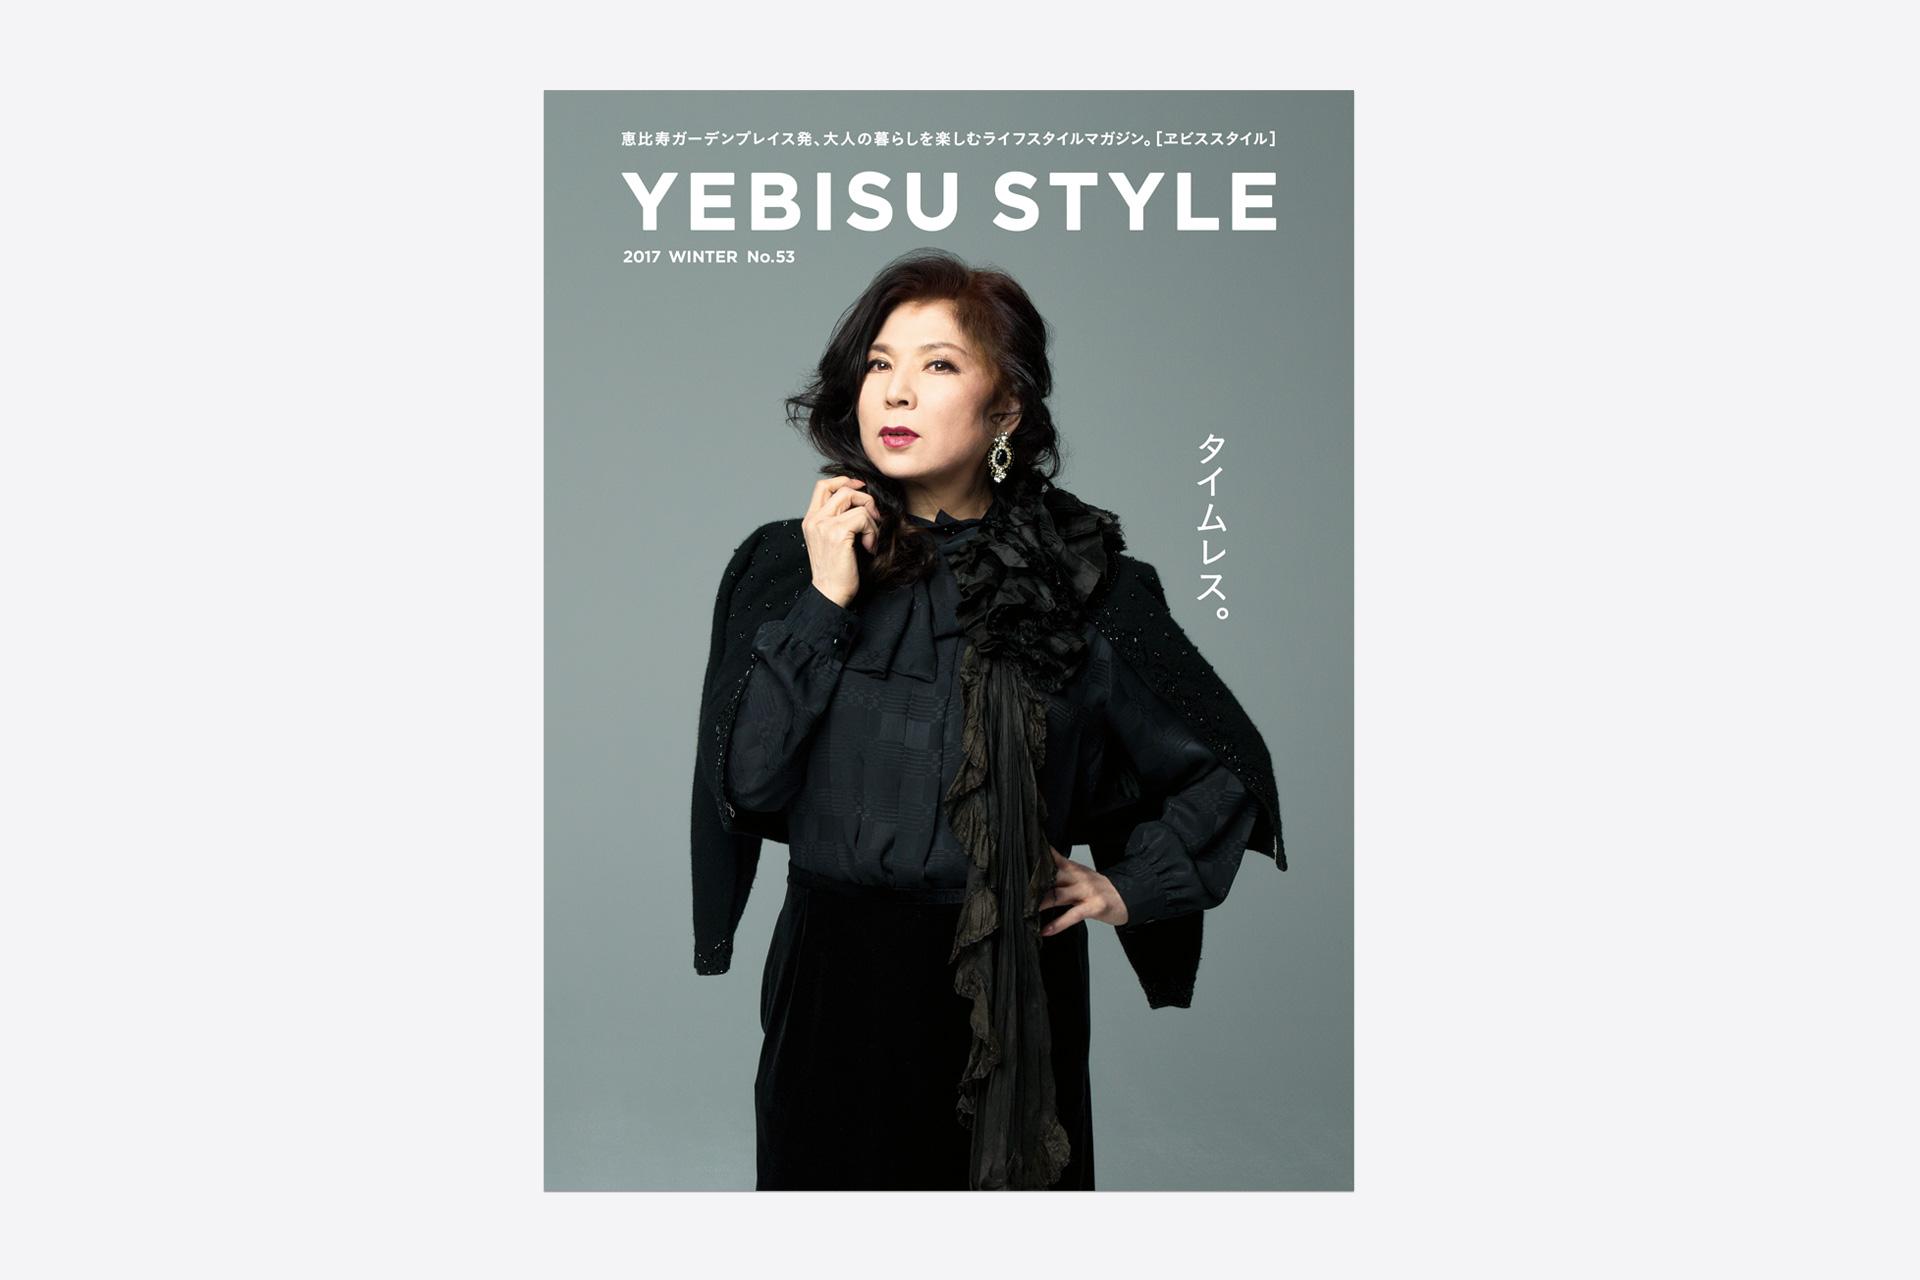 YEBISU STYLE vol.53